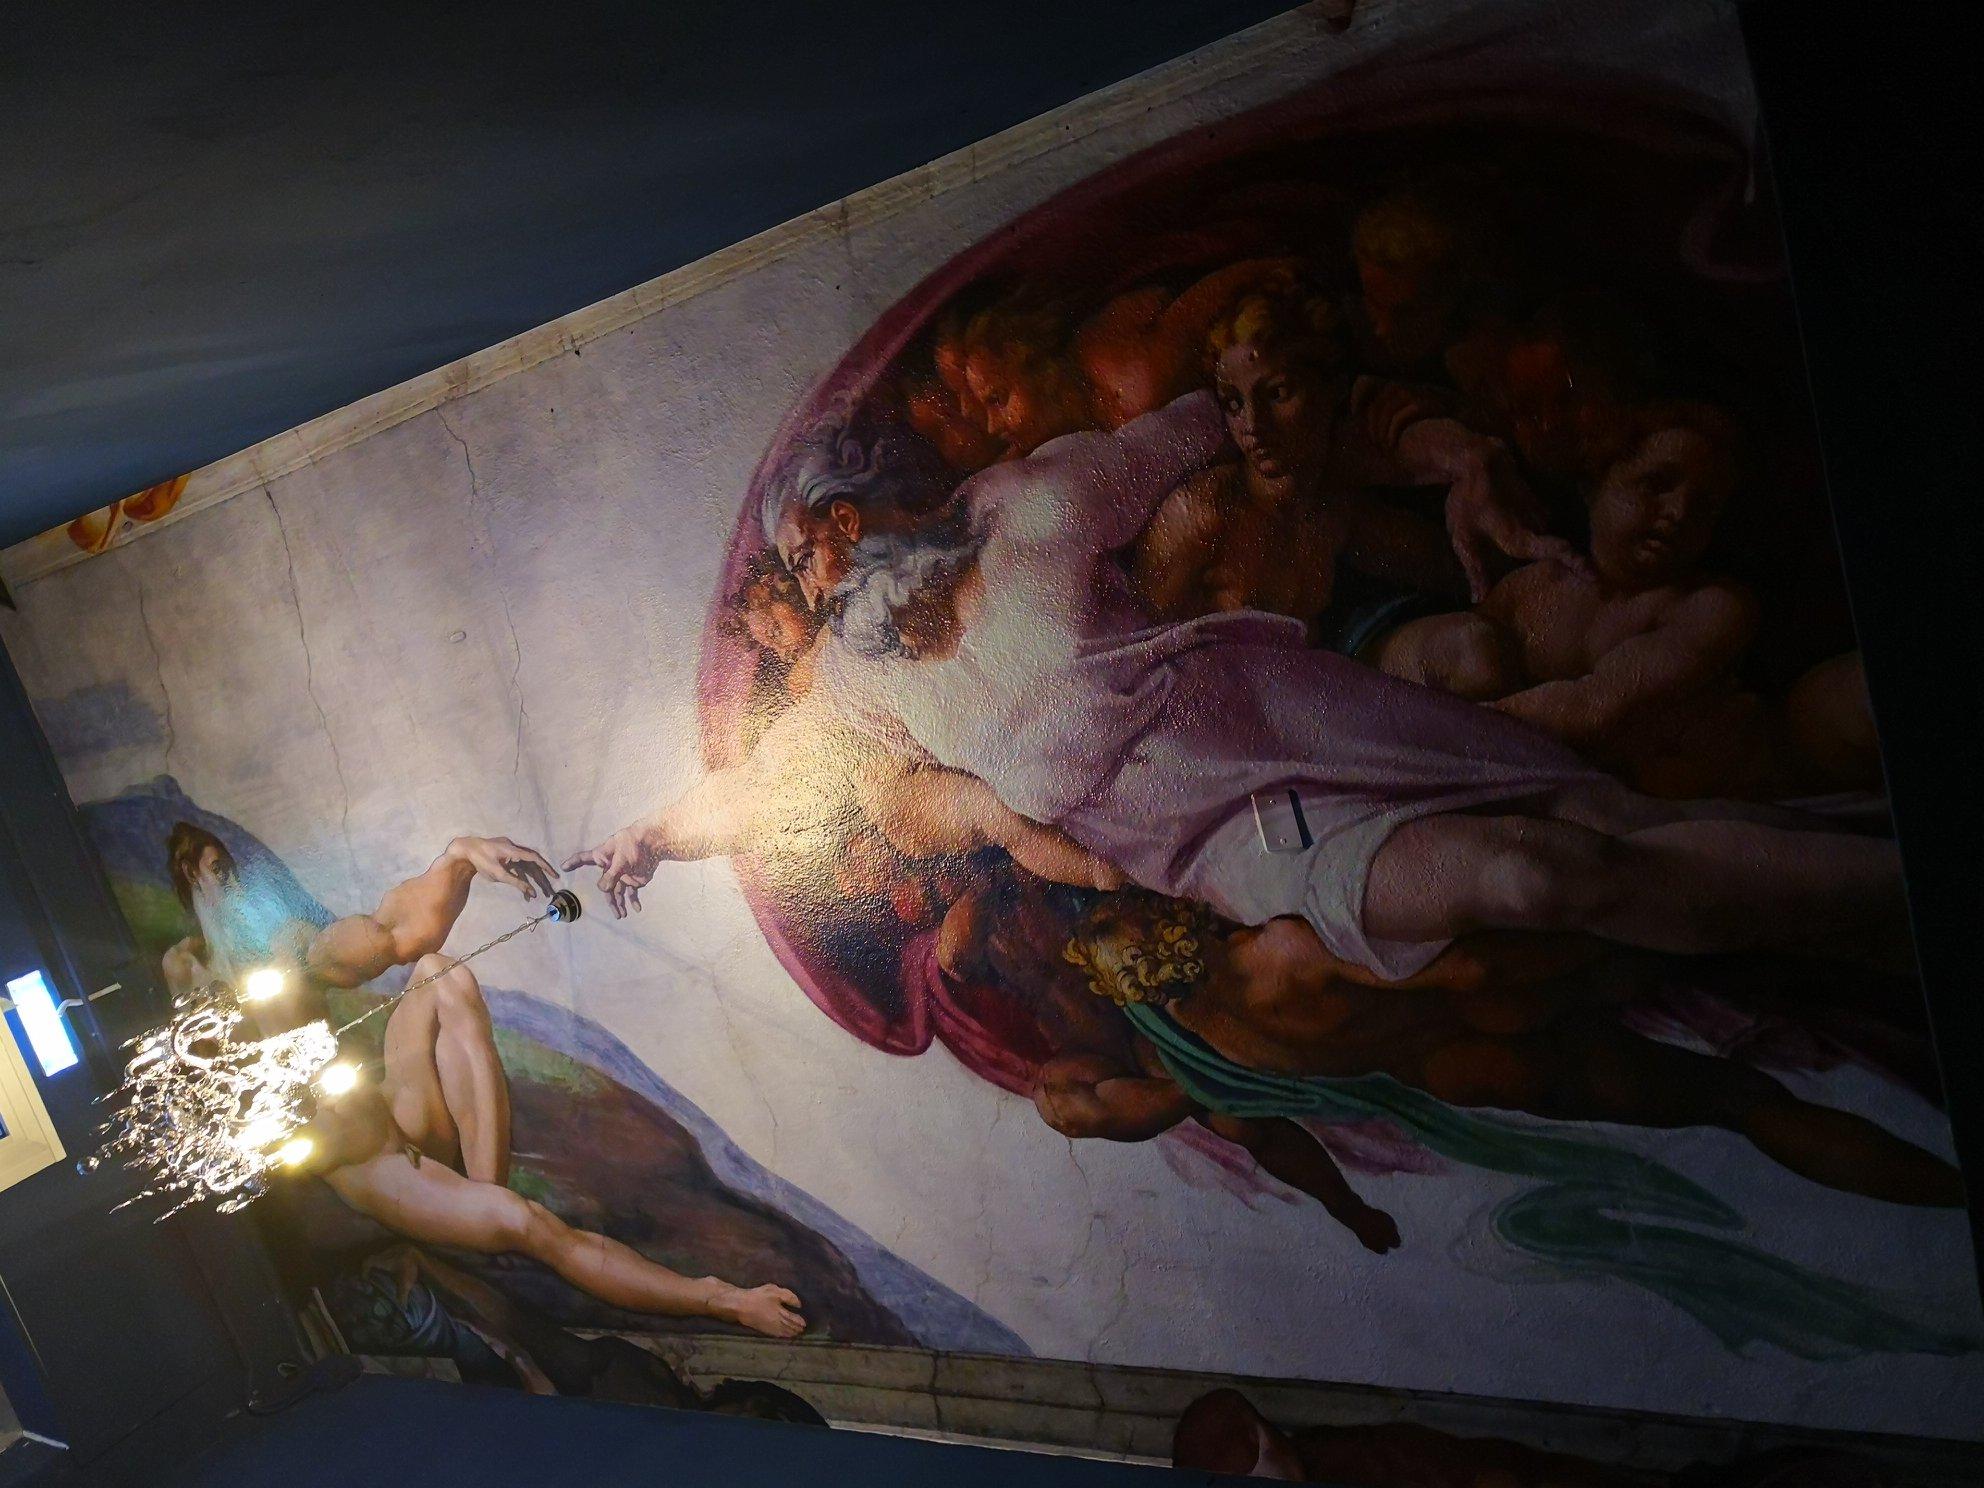 creazione-di-adamo-affresco-soffitto-pellicola-per-muro-wall-wrapping-wall-paper